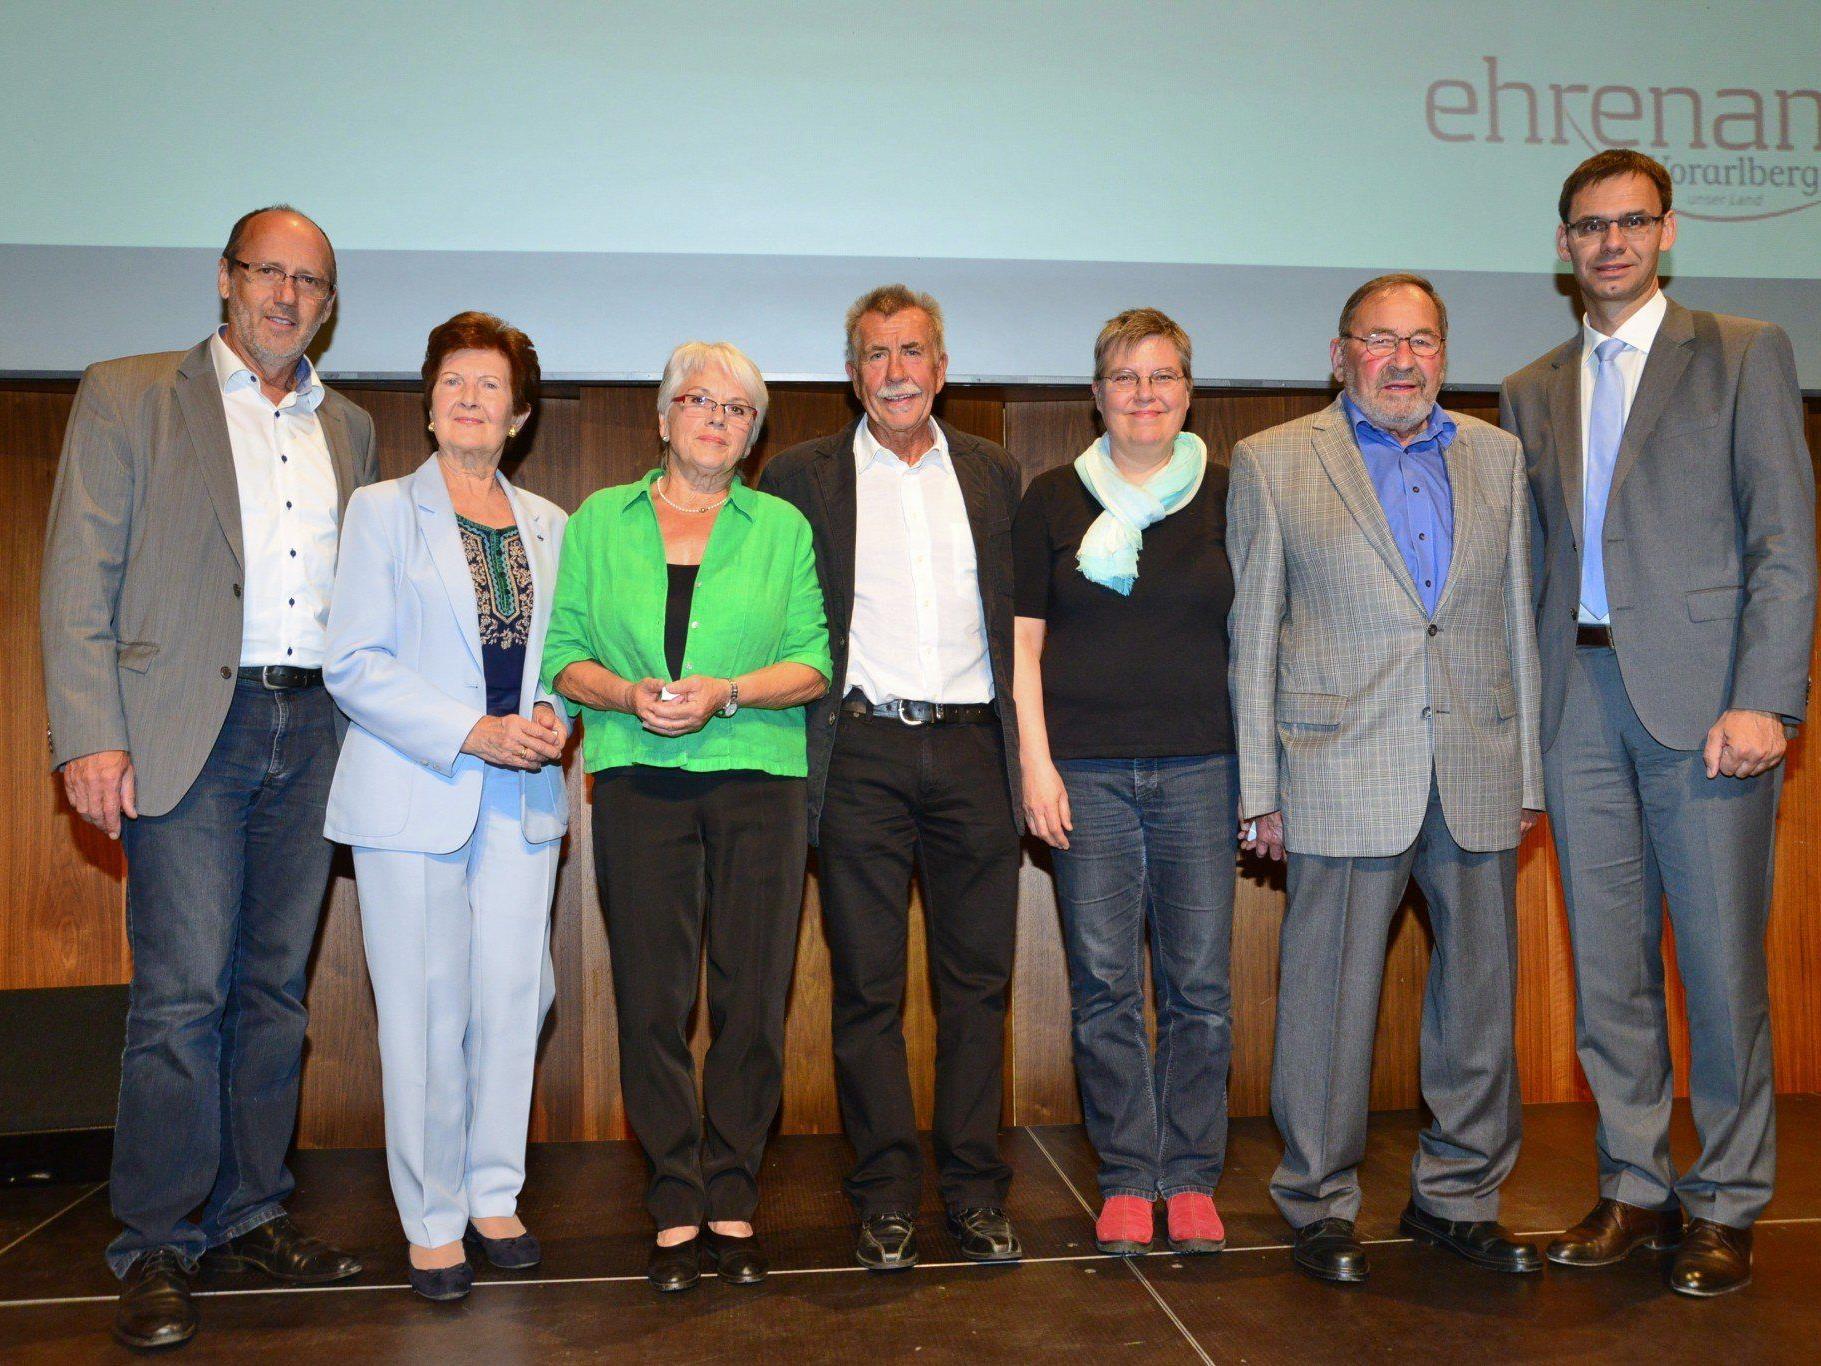 LH Markus Wallner und Bgm. Xaver Sinz bedankten sich bei acht ehrenamtlich engagierten Mitbürgern aus Lochau. Auf dem Bild fehlen Sigrid Kolm, Günther Primus und Robert Schwarz..